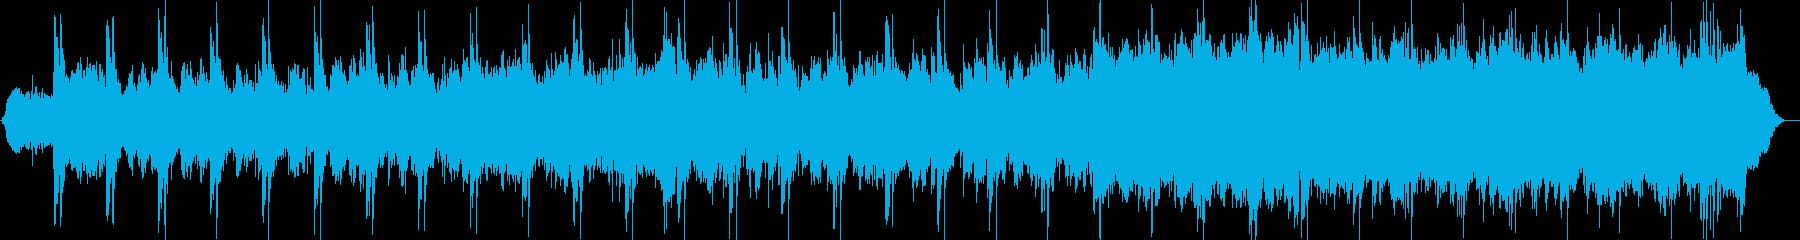 スチールを強調したギターサウンドの再生済みの波形